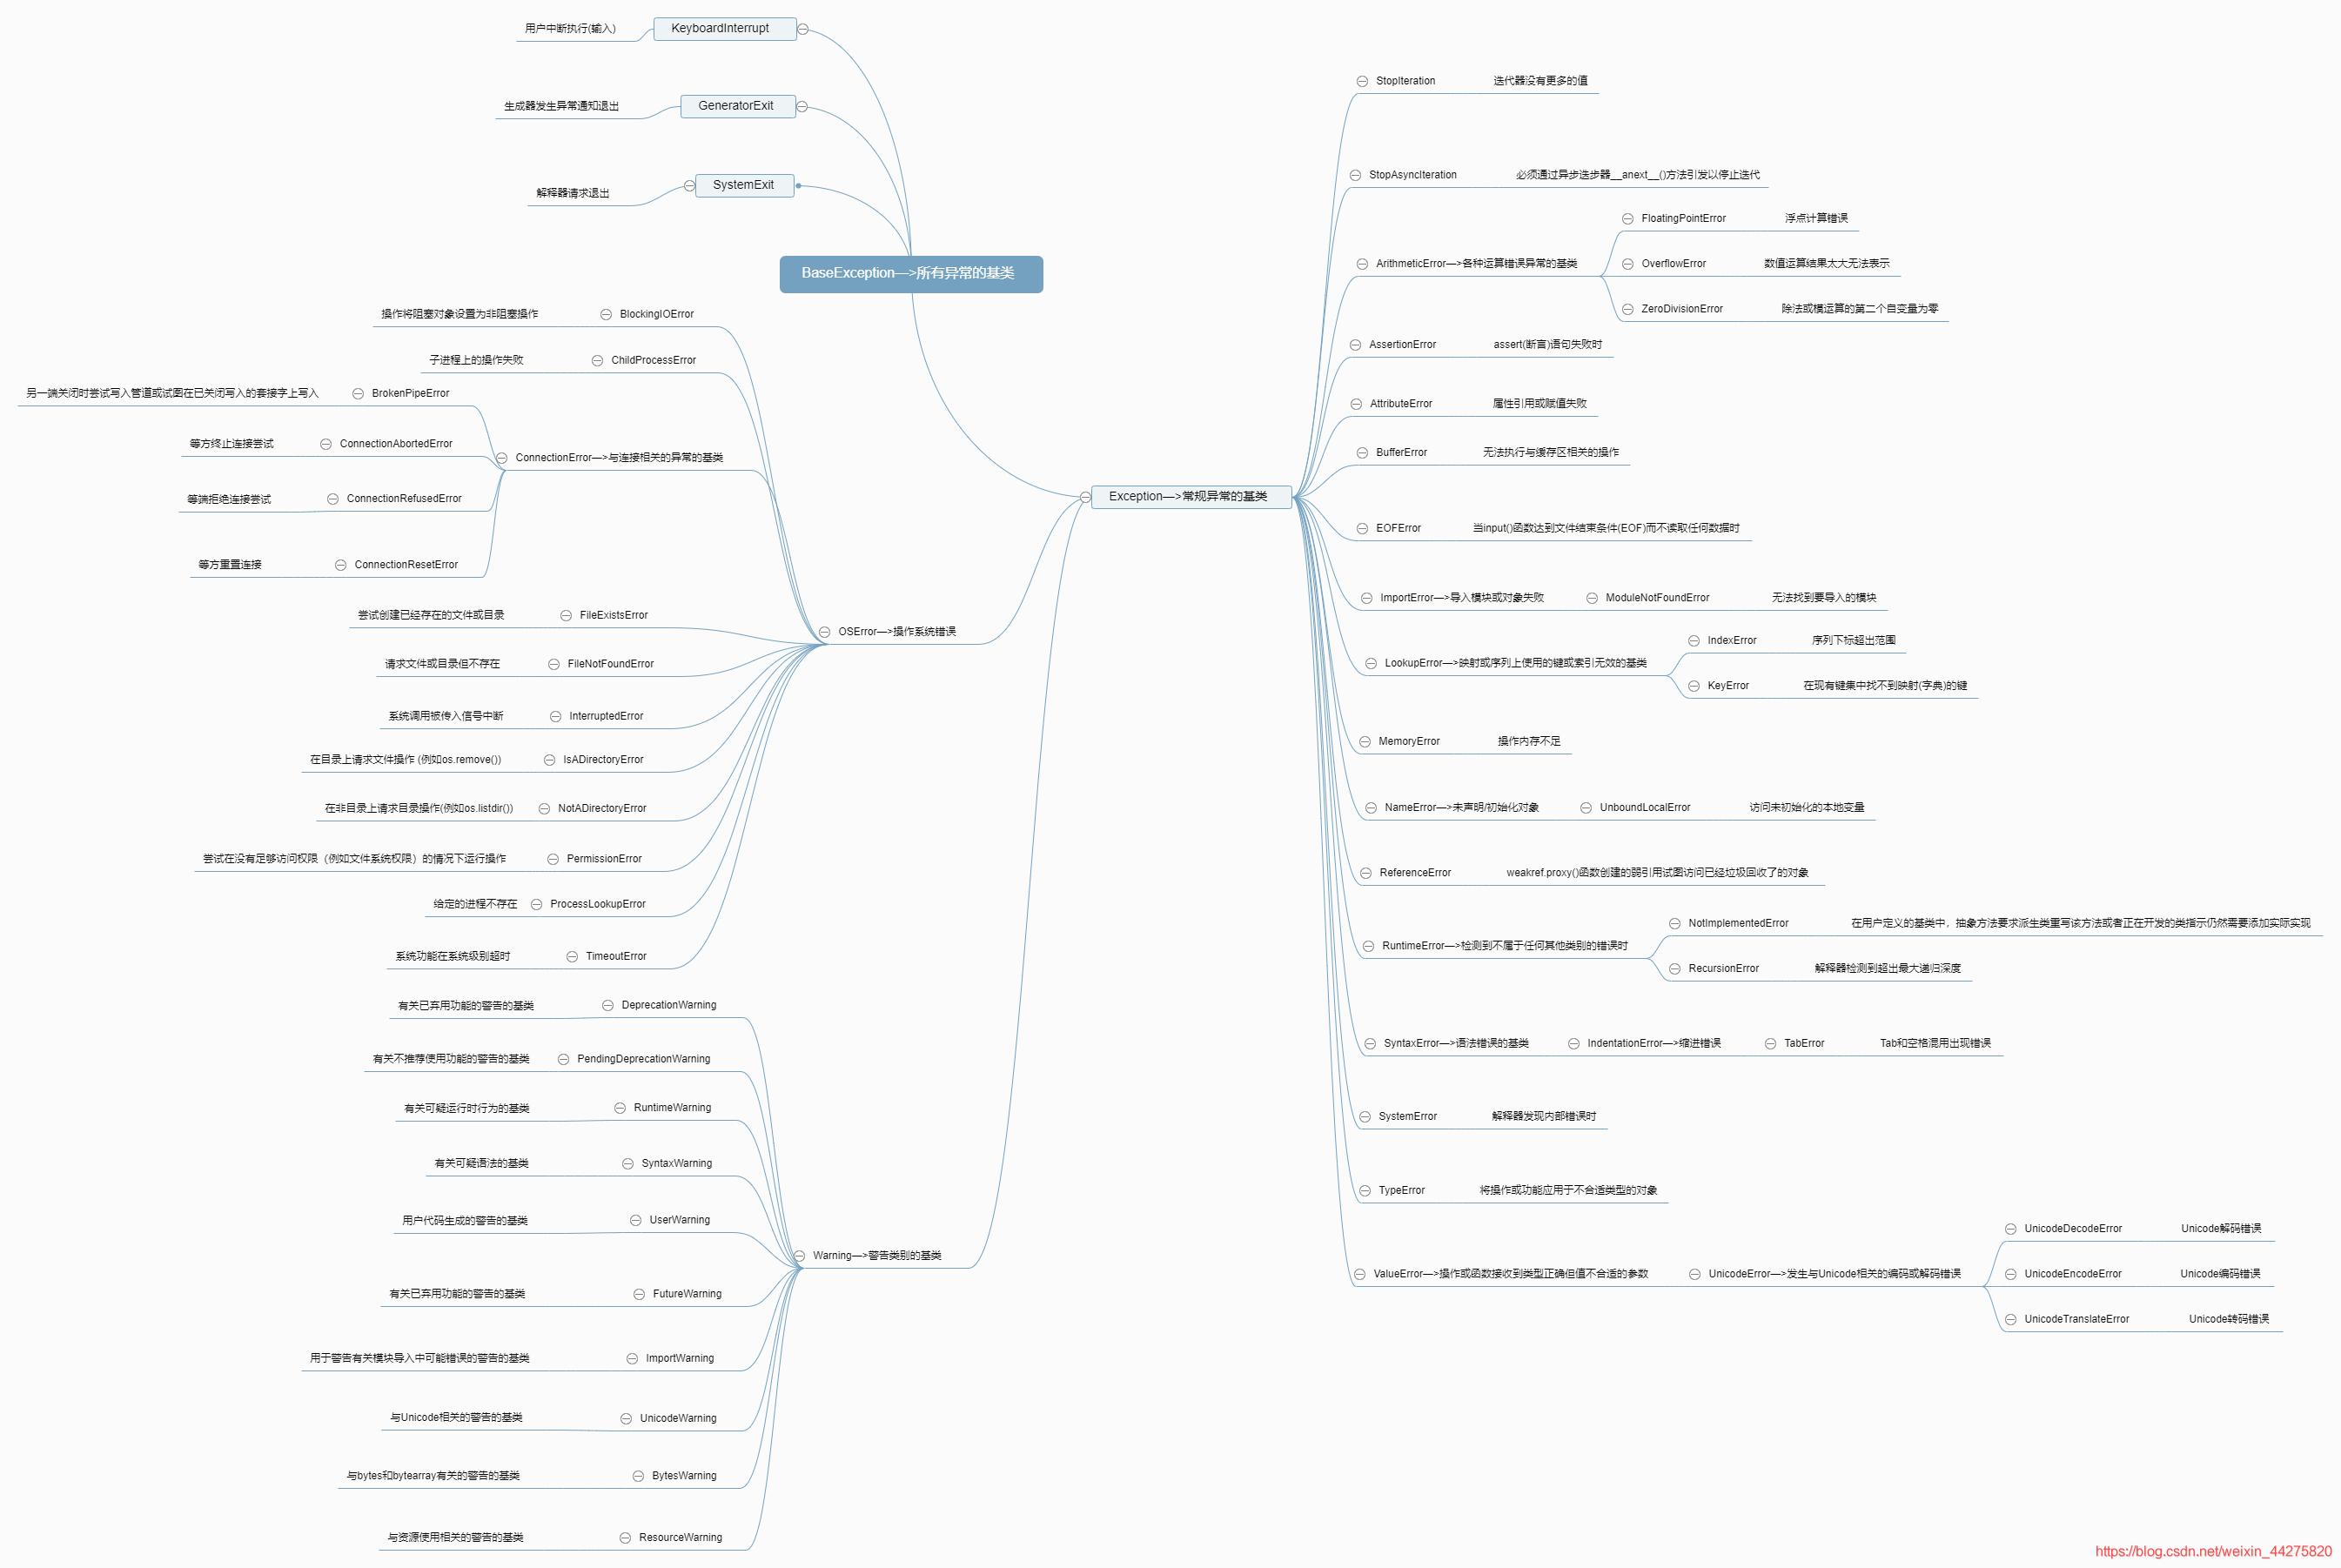 绝对干货!一张图整理了 Python 所有内置异常!李文良的博客-python 所有内置错误